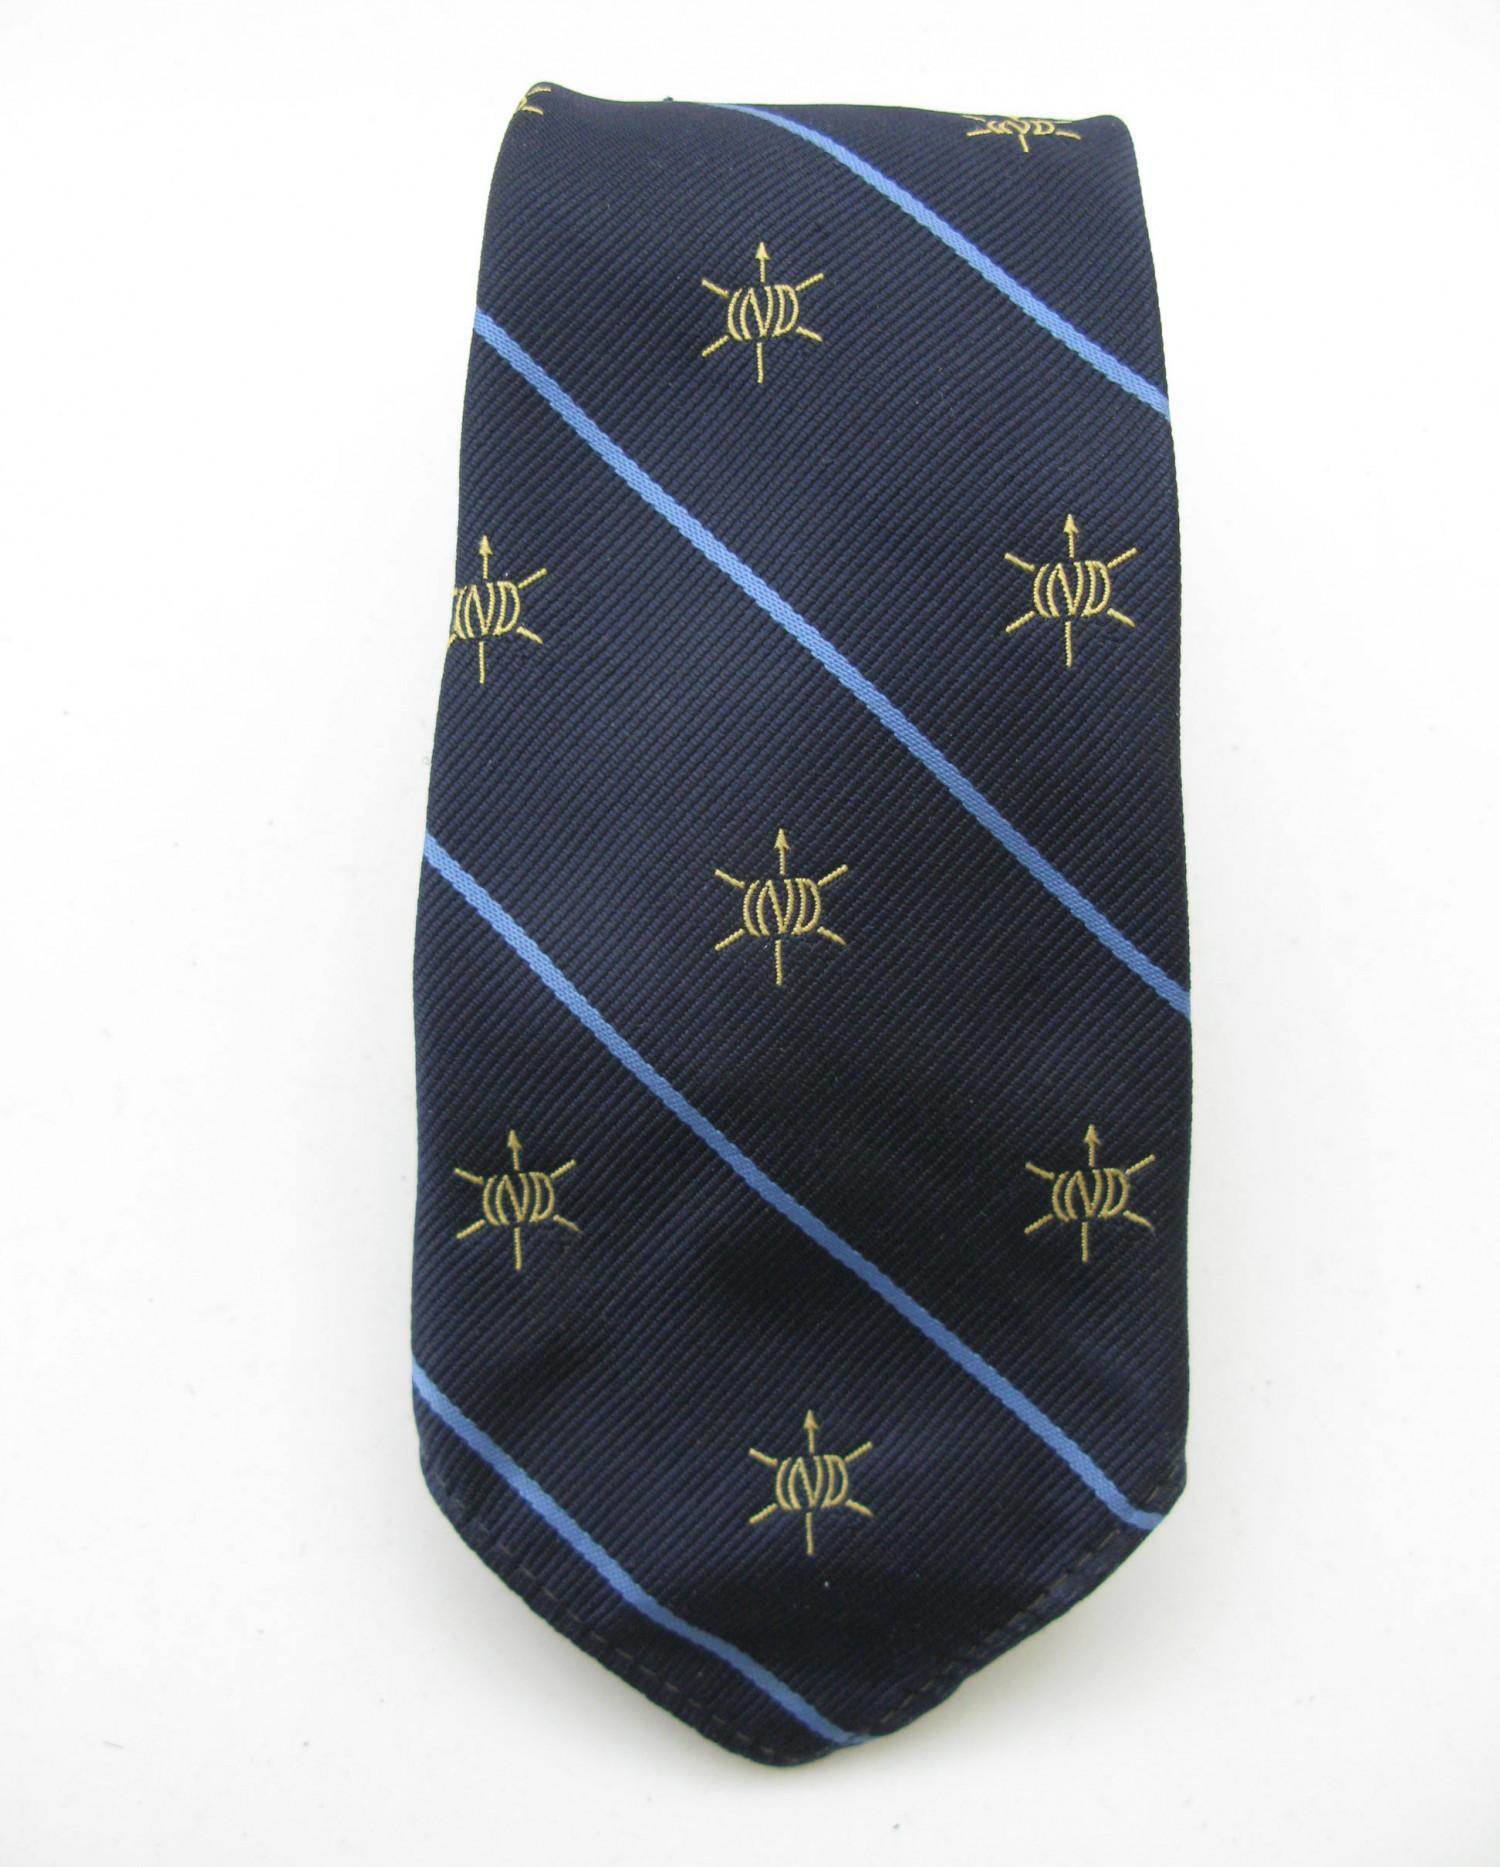 IND Tie